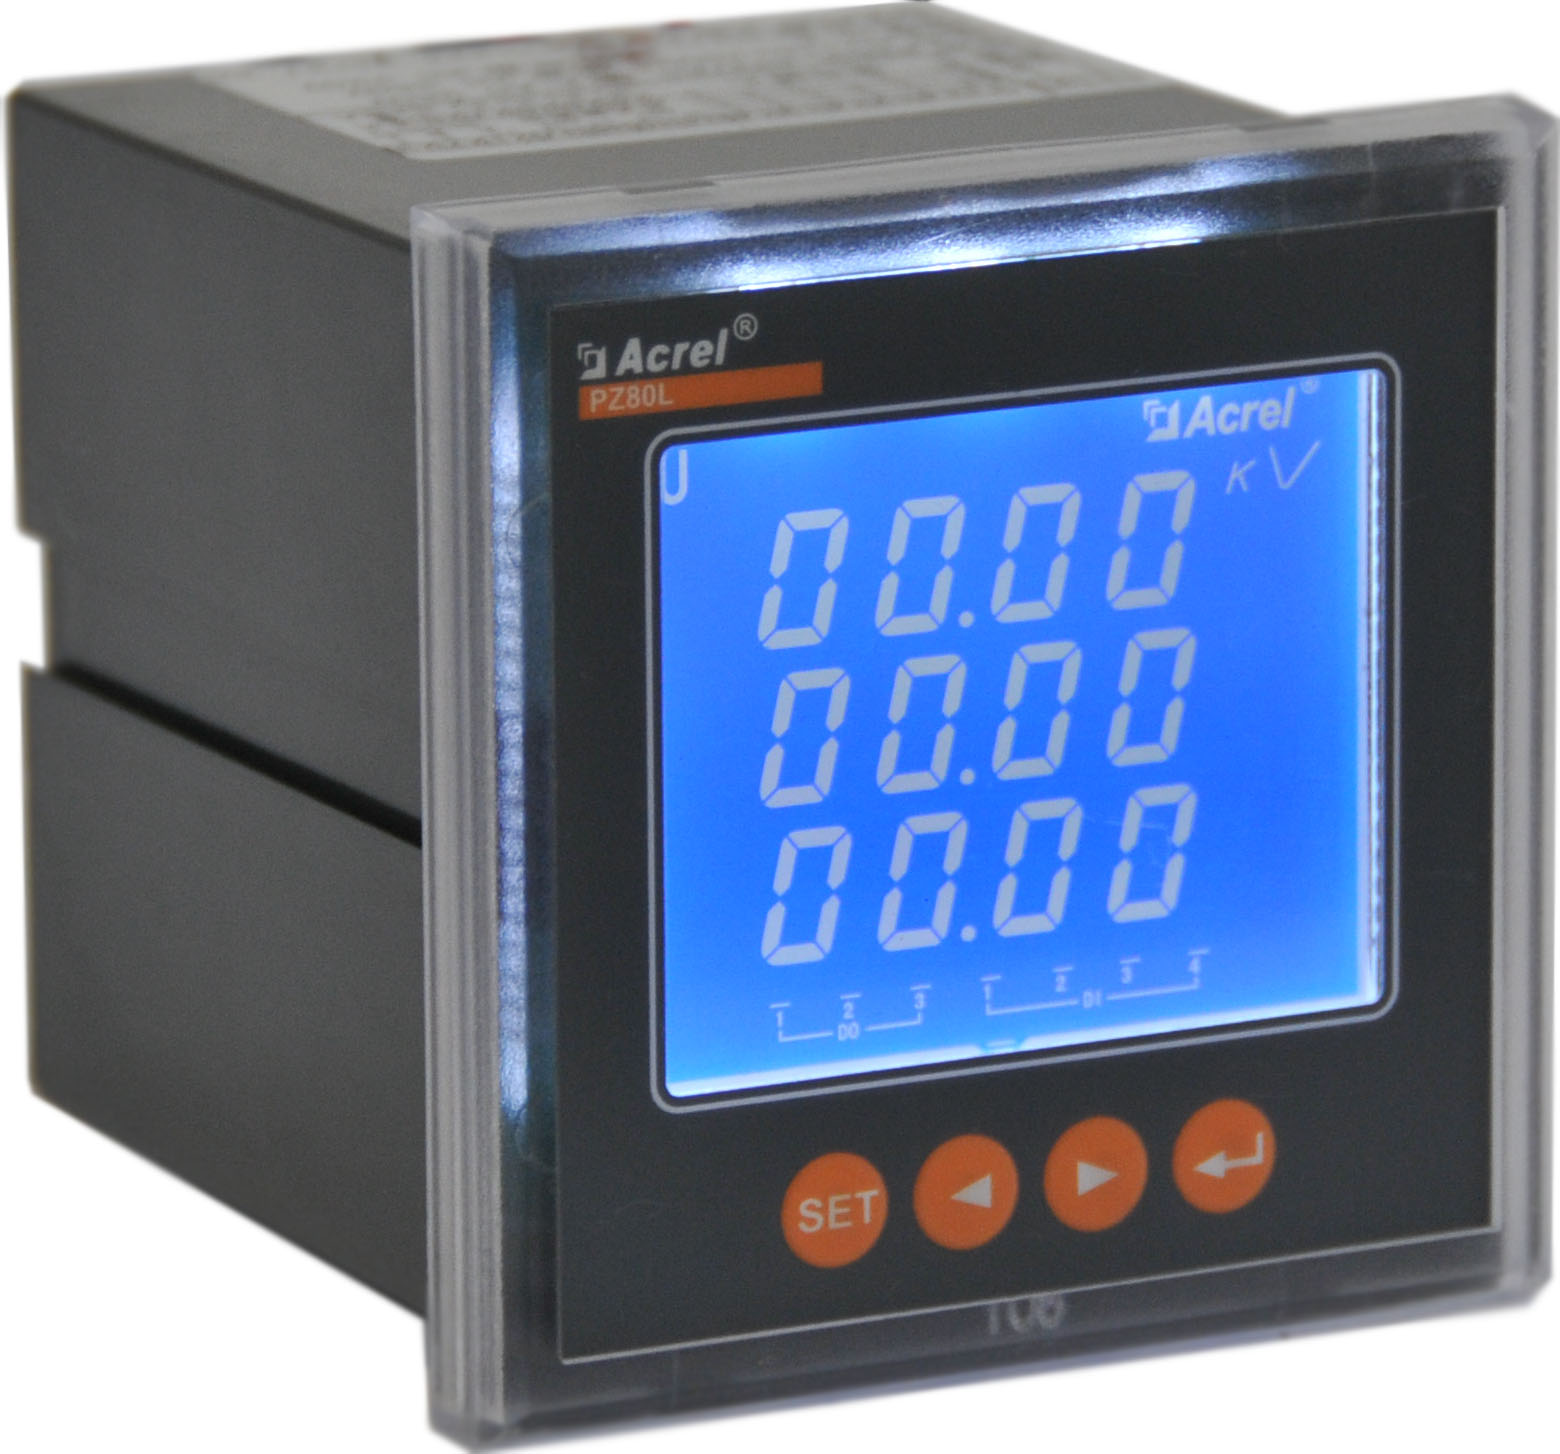 安科瑞PZ96L-E4/KC 多功能电能表 液晶显示 带开关量 RS485通讯